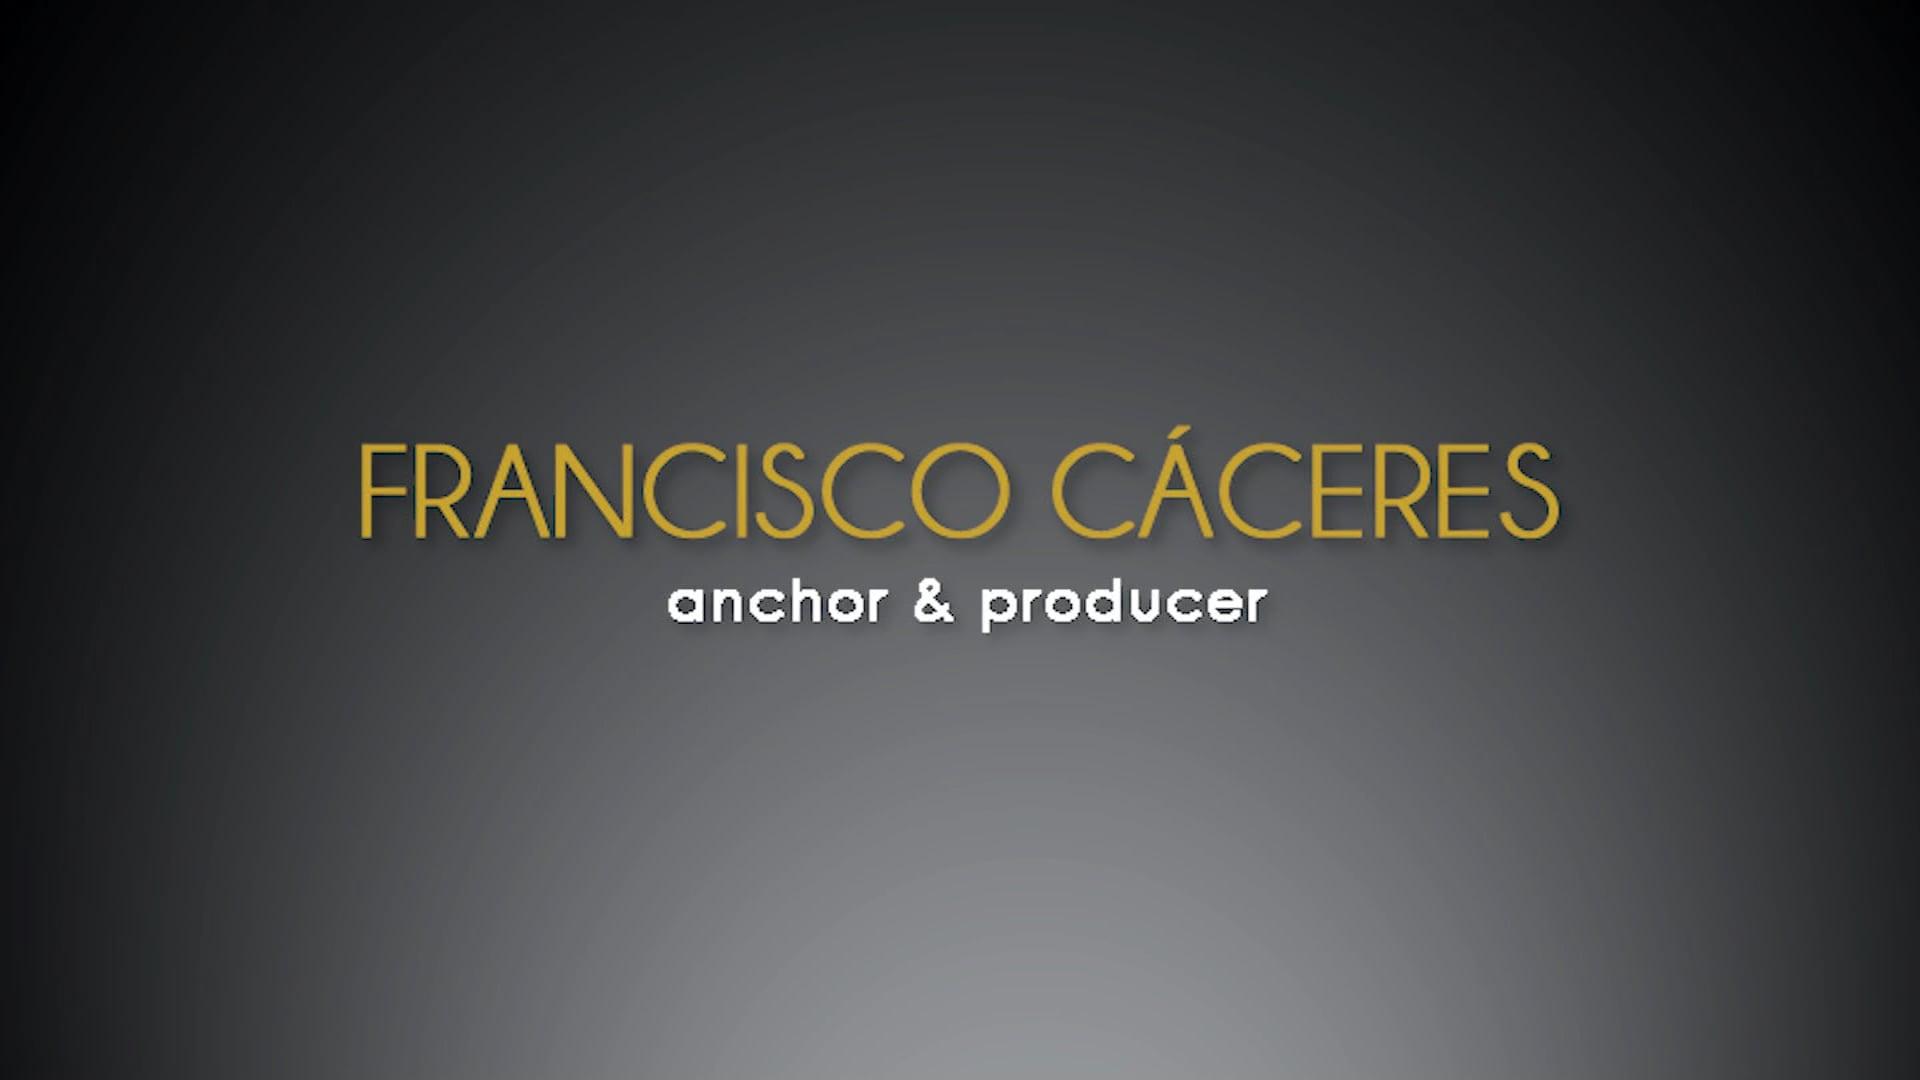 Francisco Caceres Demo Español 2020 29 Julio